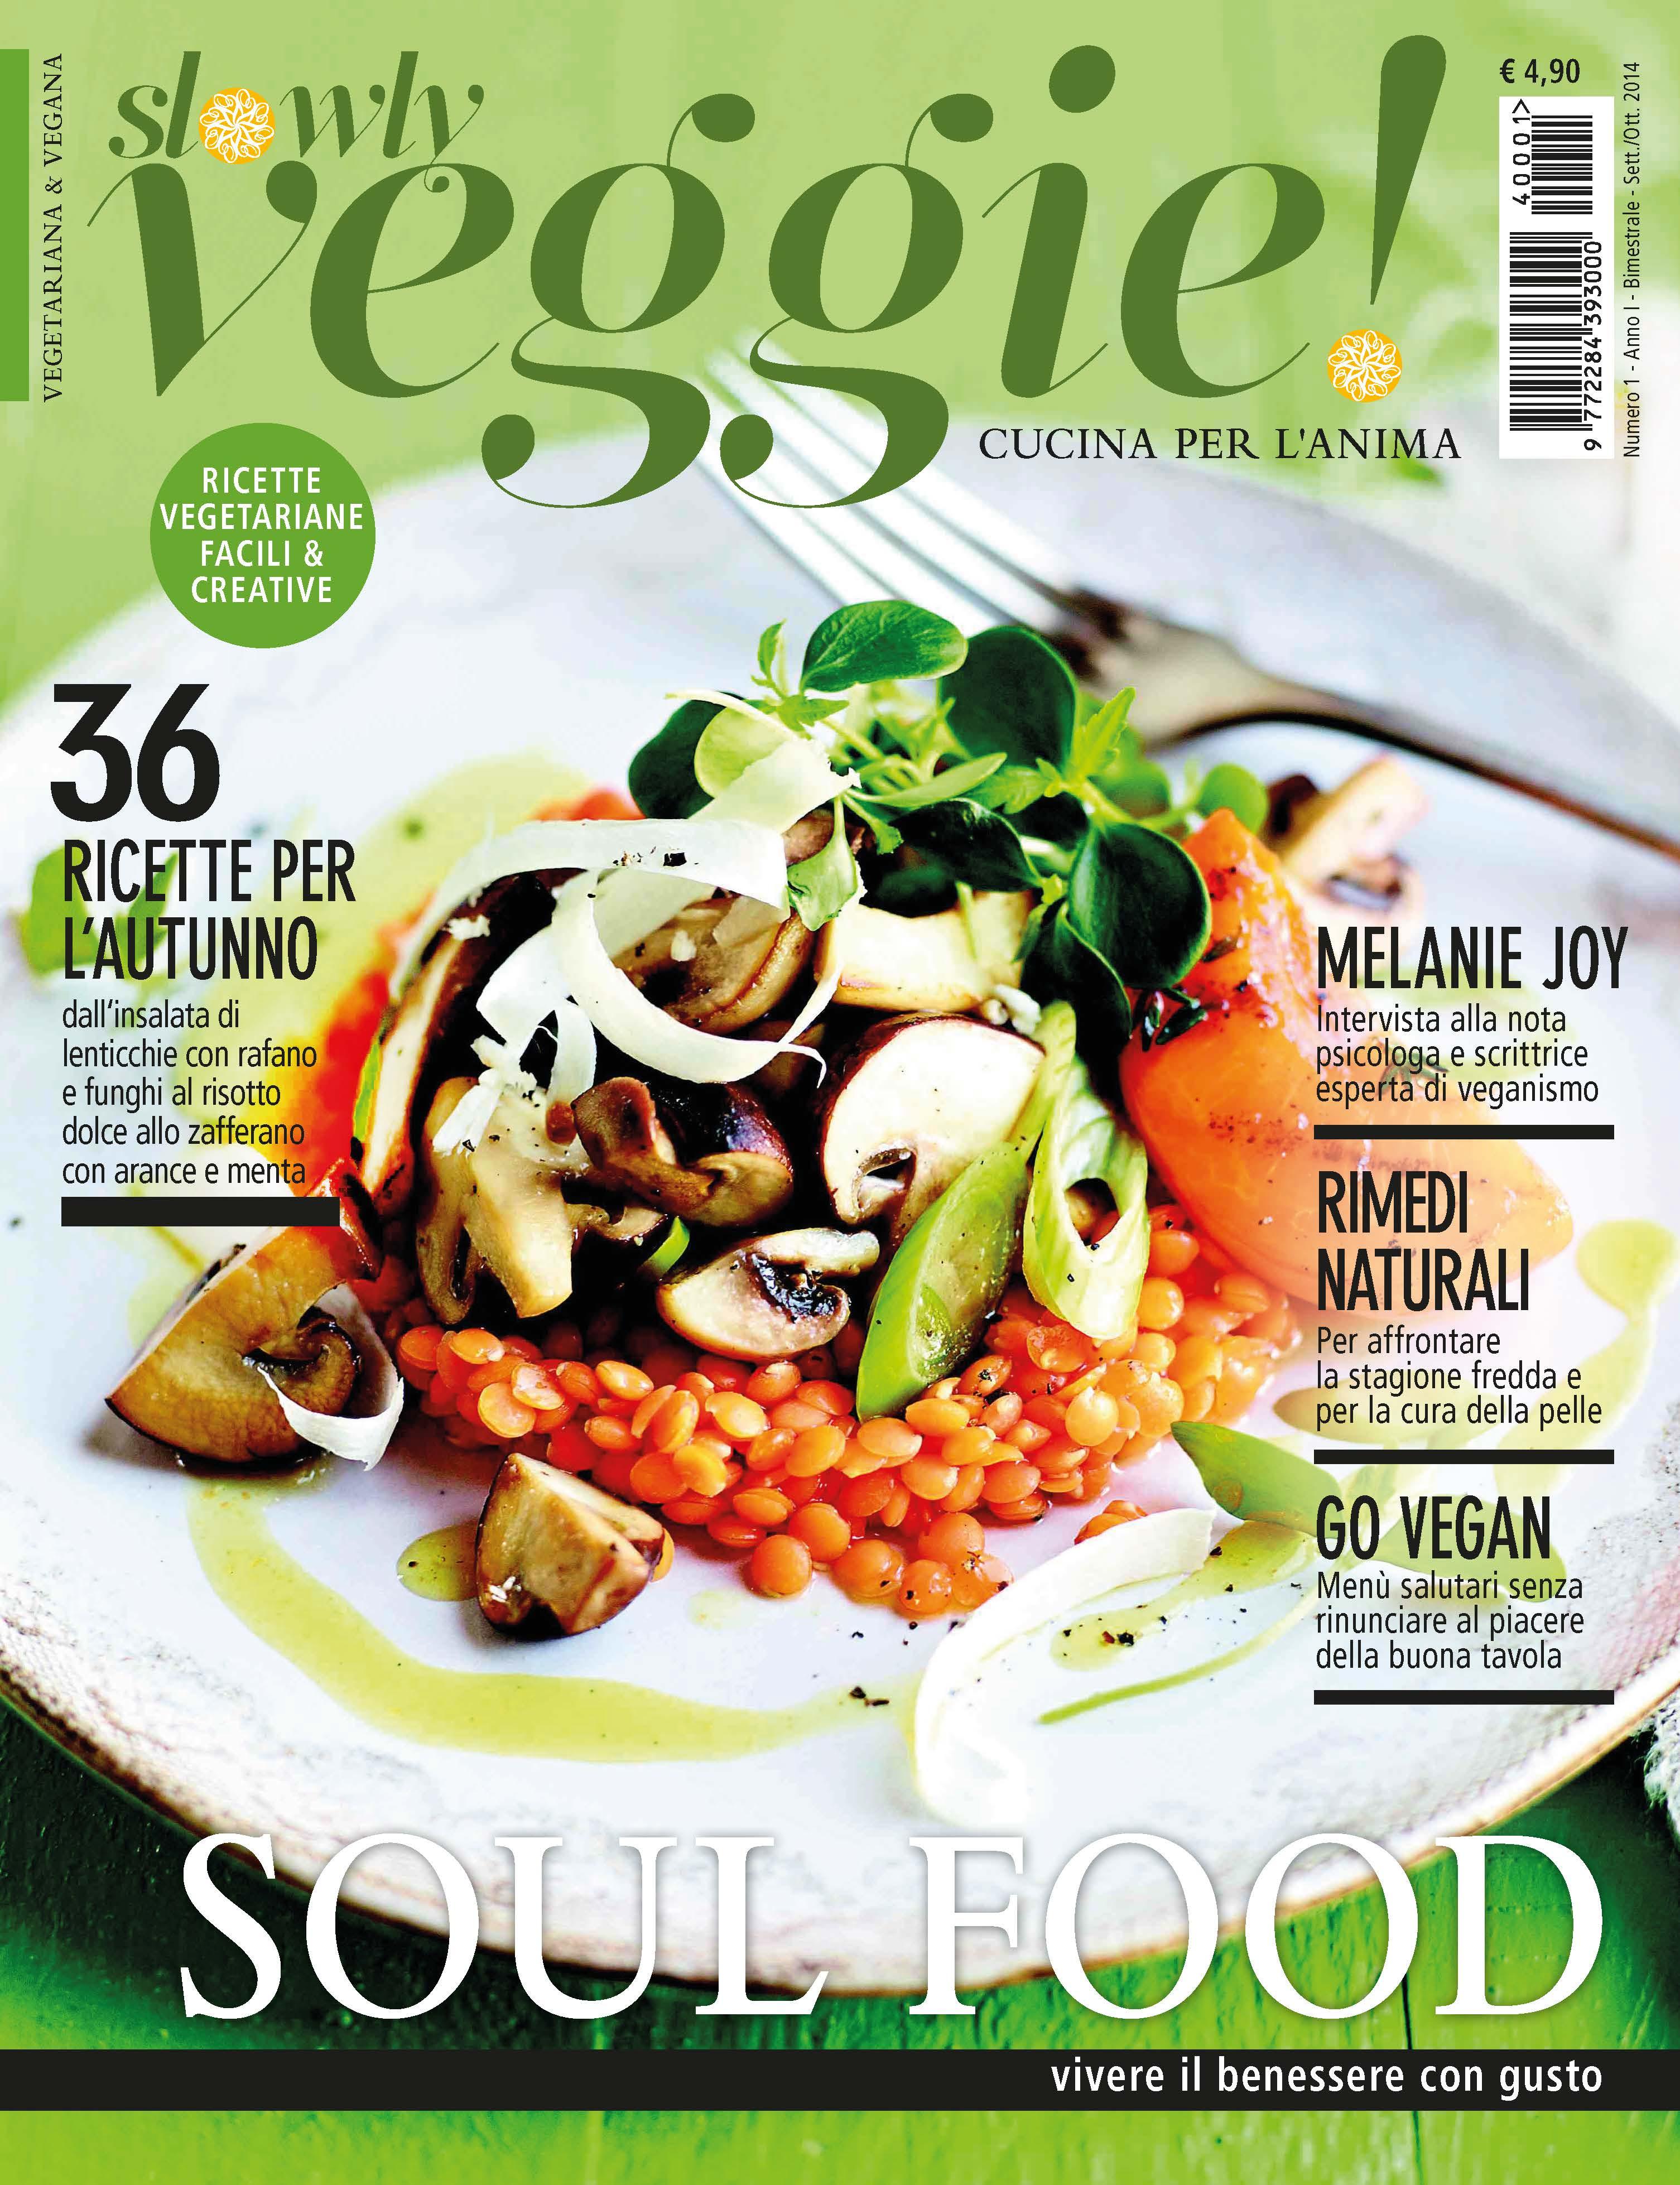 Slowly Veggie!